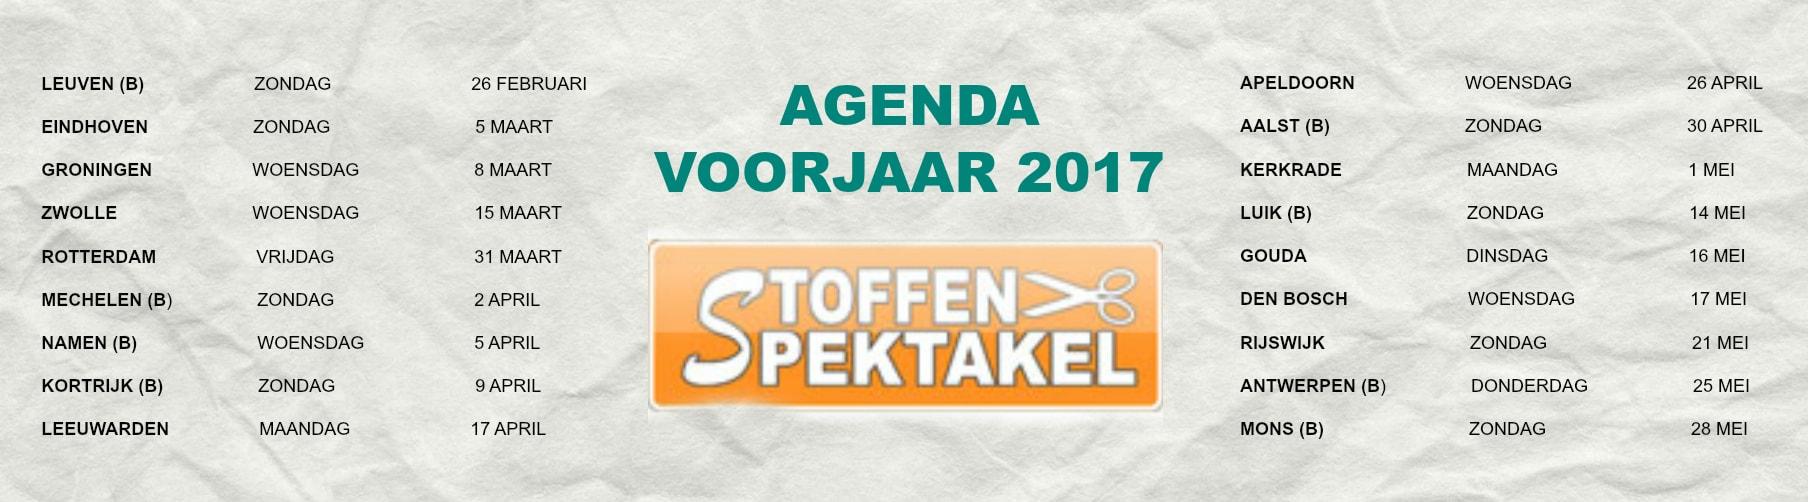 agenda stoffenspektakel 2017